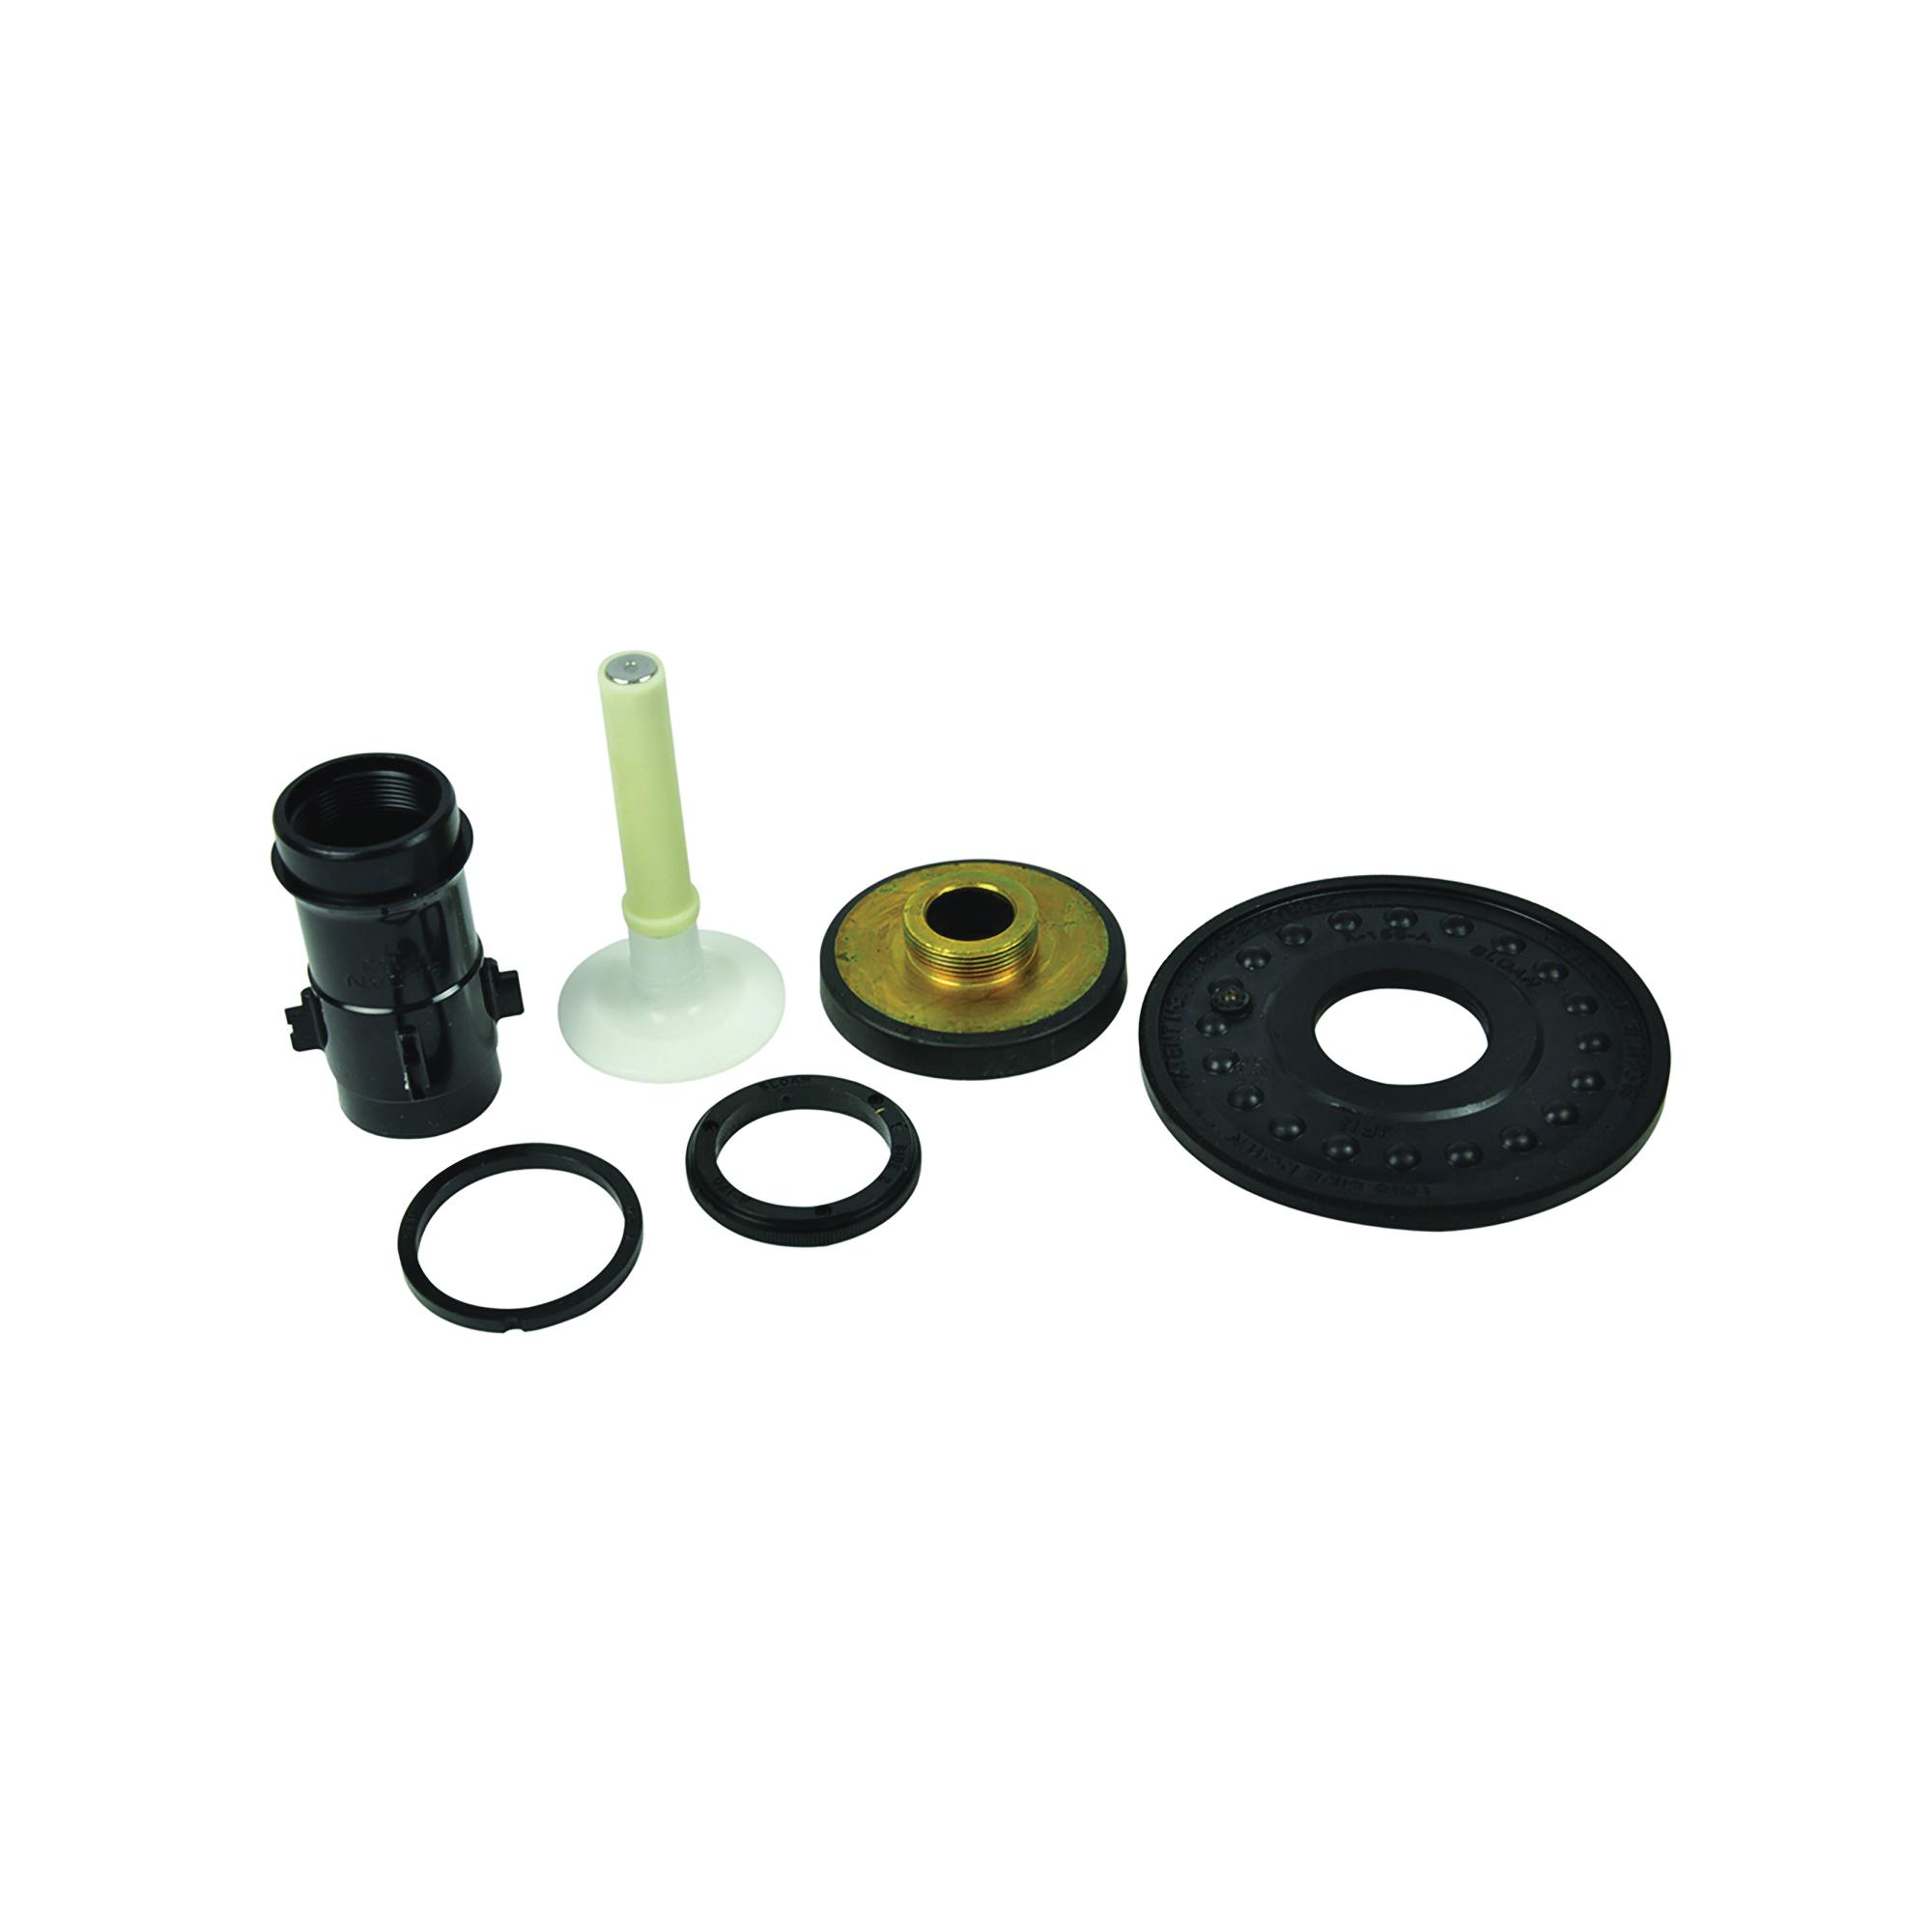 Picture of Danco 37060 Toilet Repair Kit, For: 17.0 lpf Closet Valves